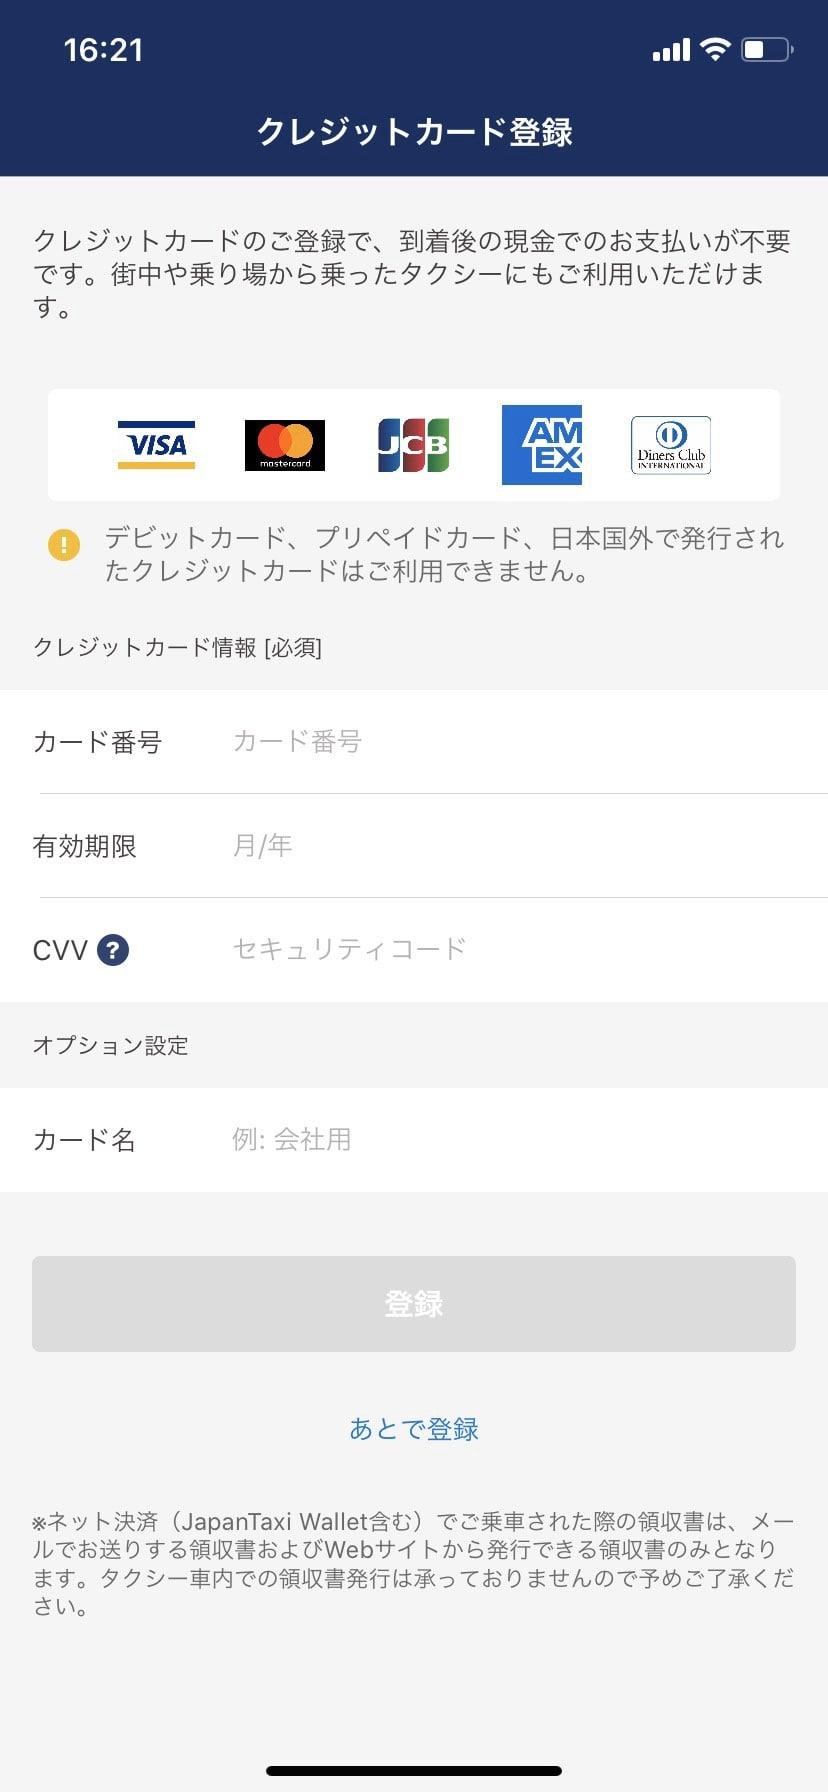 JapanTaxiのクレジットカード情報を登録